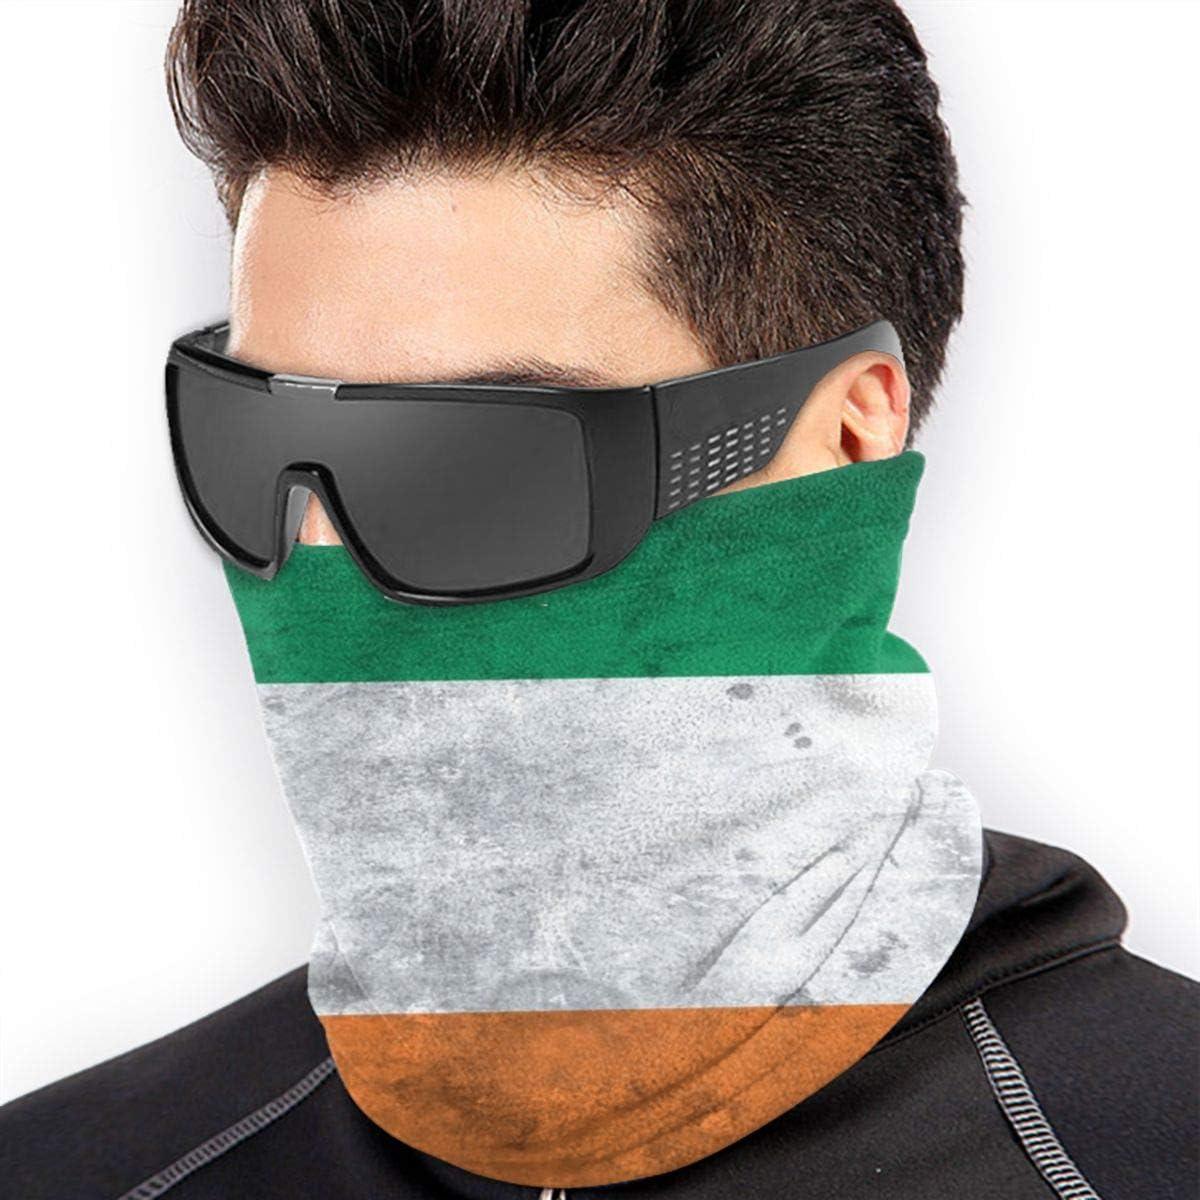 Bandana for Rave Face Mask Dust Wind UV Sun Protection Neck Gaiter Tube Mask Headwear Mask for Men Women - Distessed Irish Flag